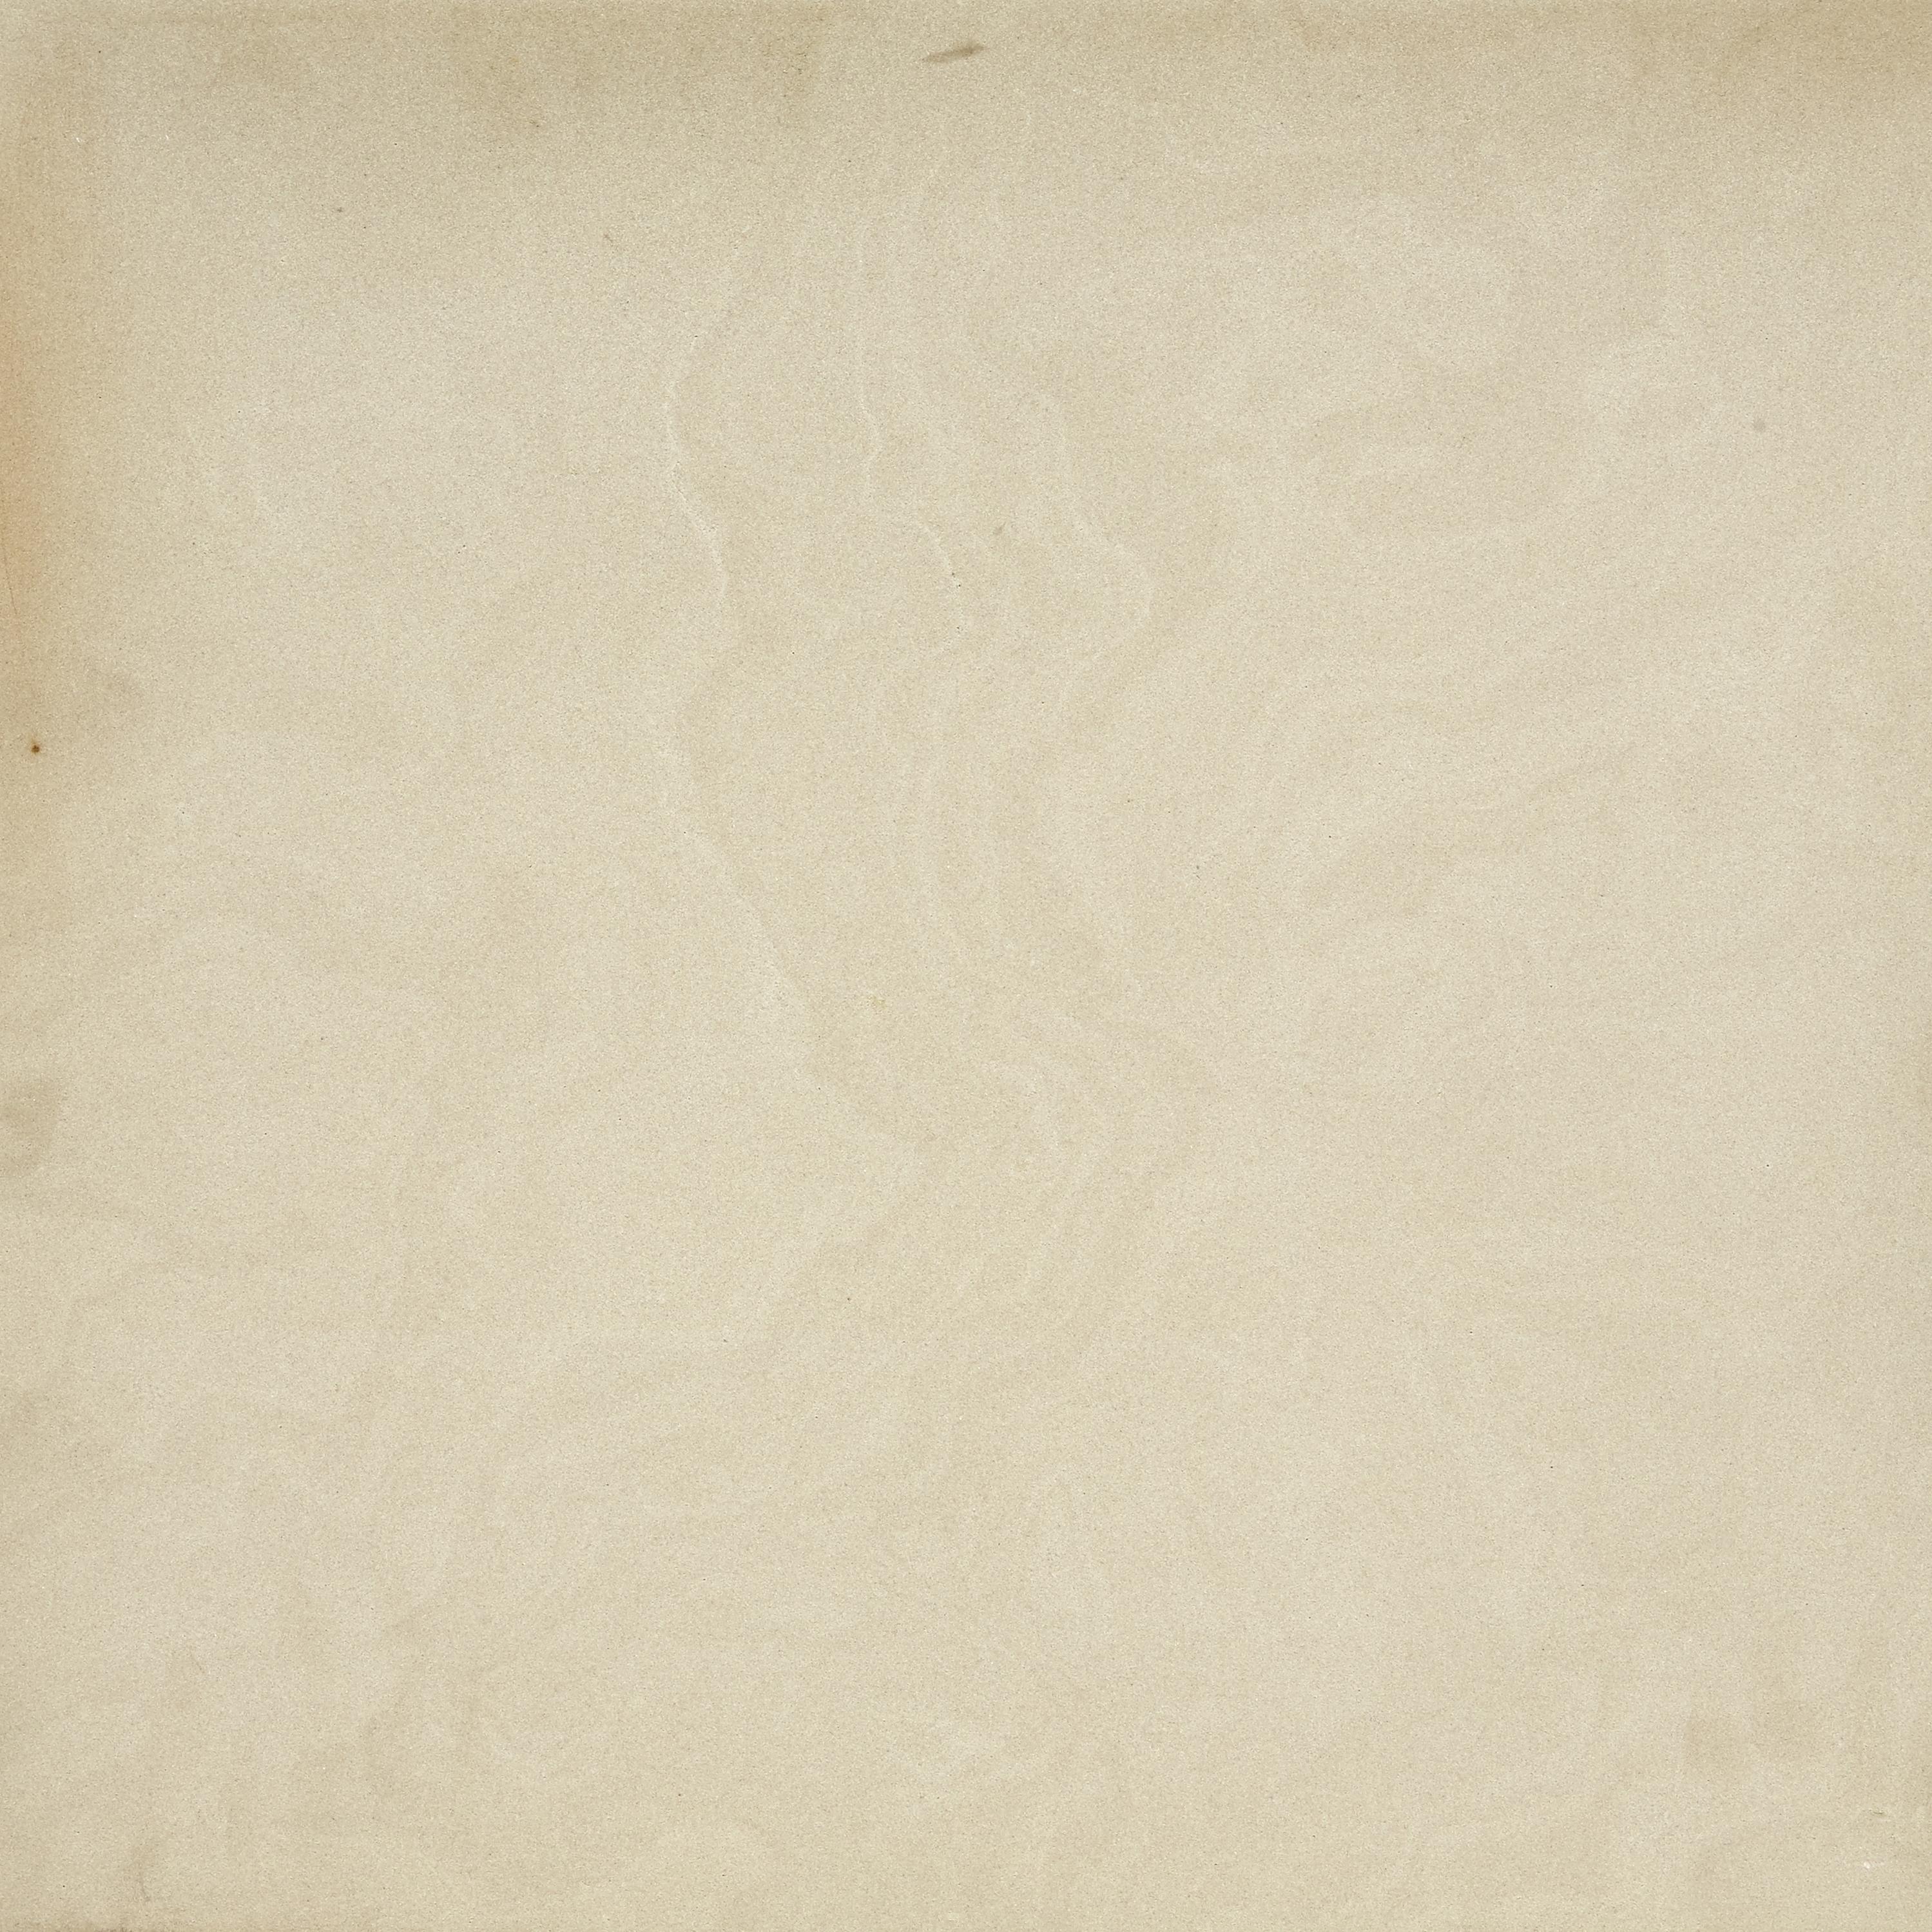 Fossil Buff Honed Sandstone Tile Mandarin Stone